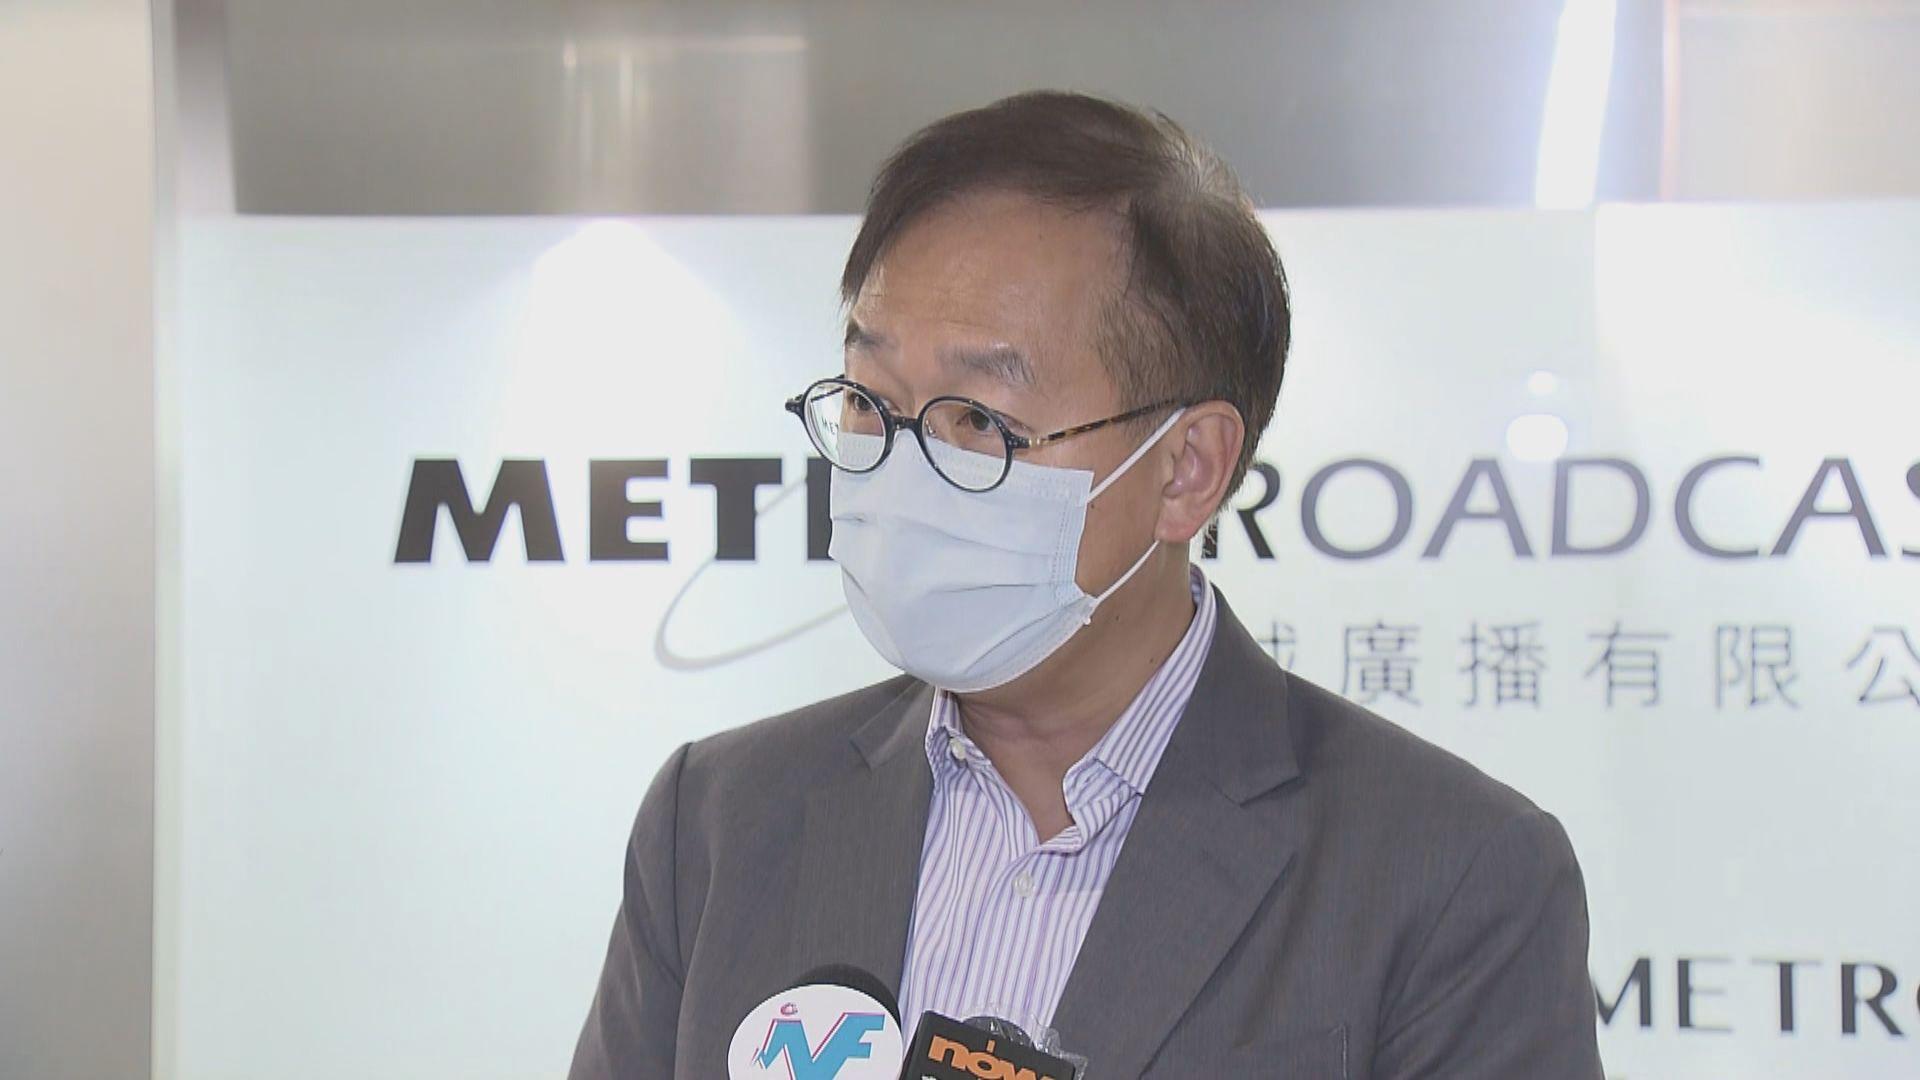 胡志遠:公營非緊急服務縮減或延誤癌症病人診斷